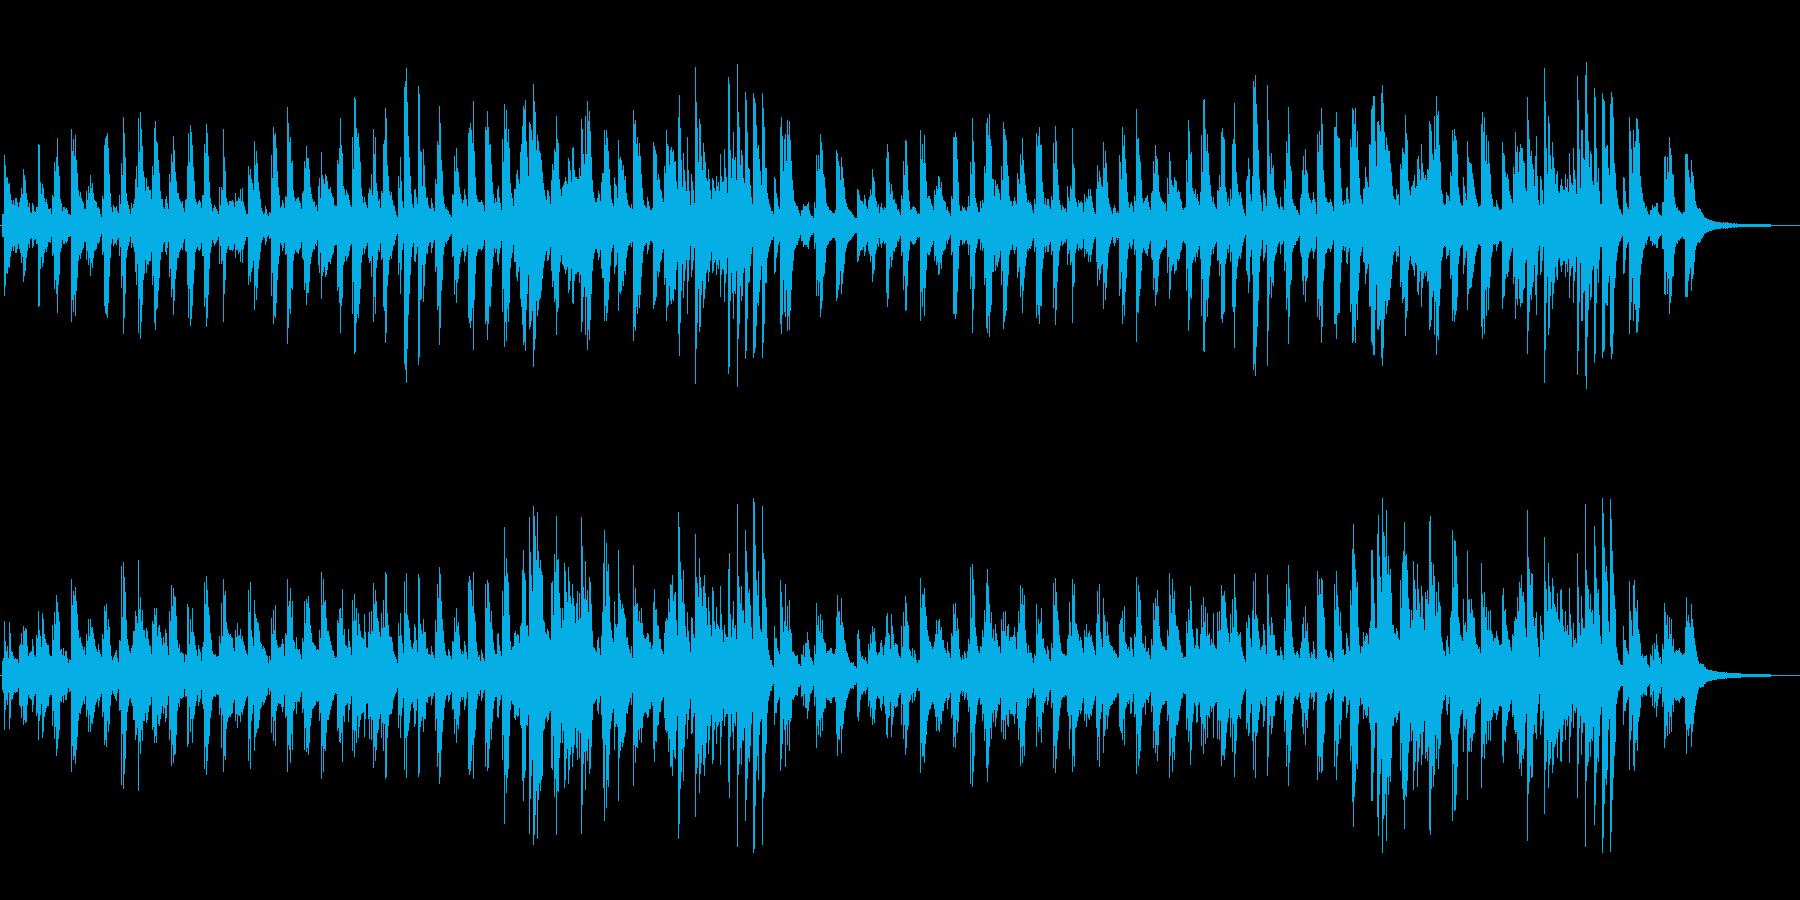 やさしい明るめのピアノソロの再生済みの波形